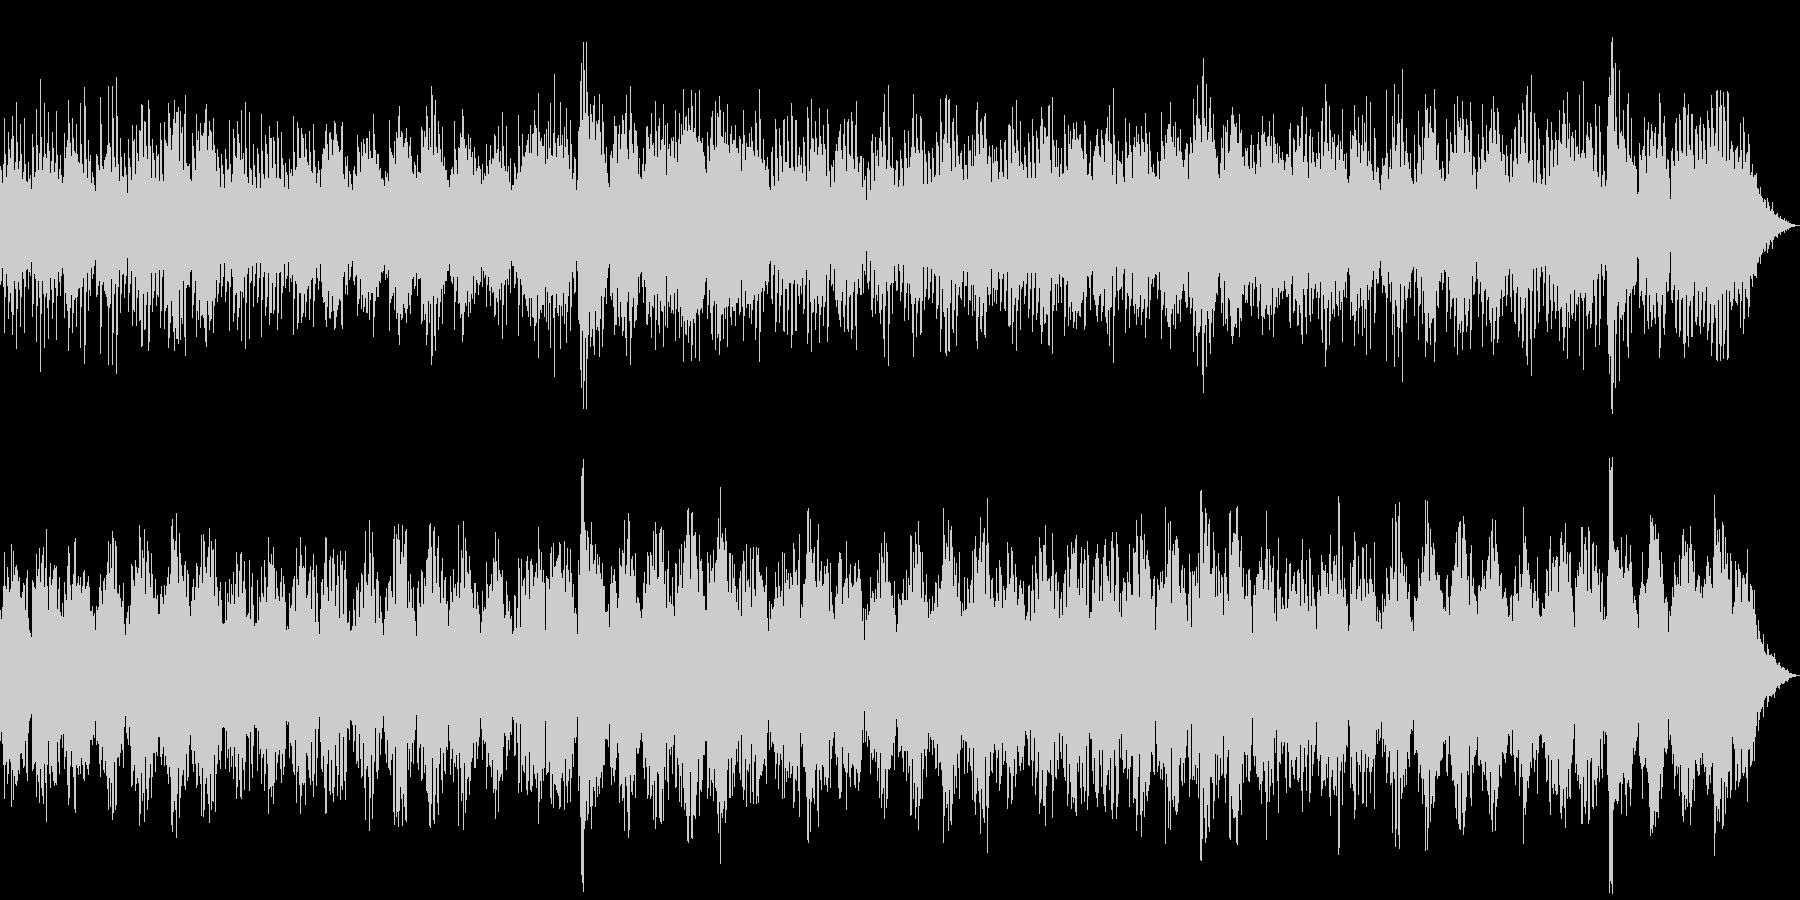 瞑想やヨガ、睡眠誘導のための音楽 02の未再生の波形